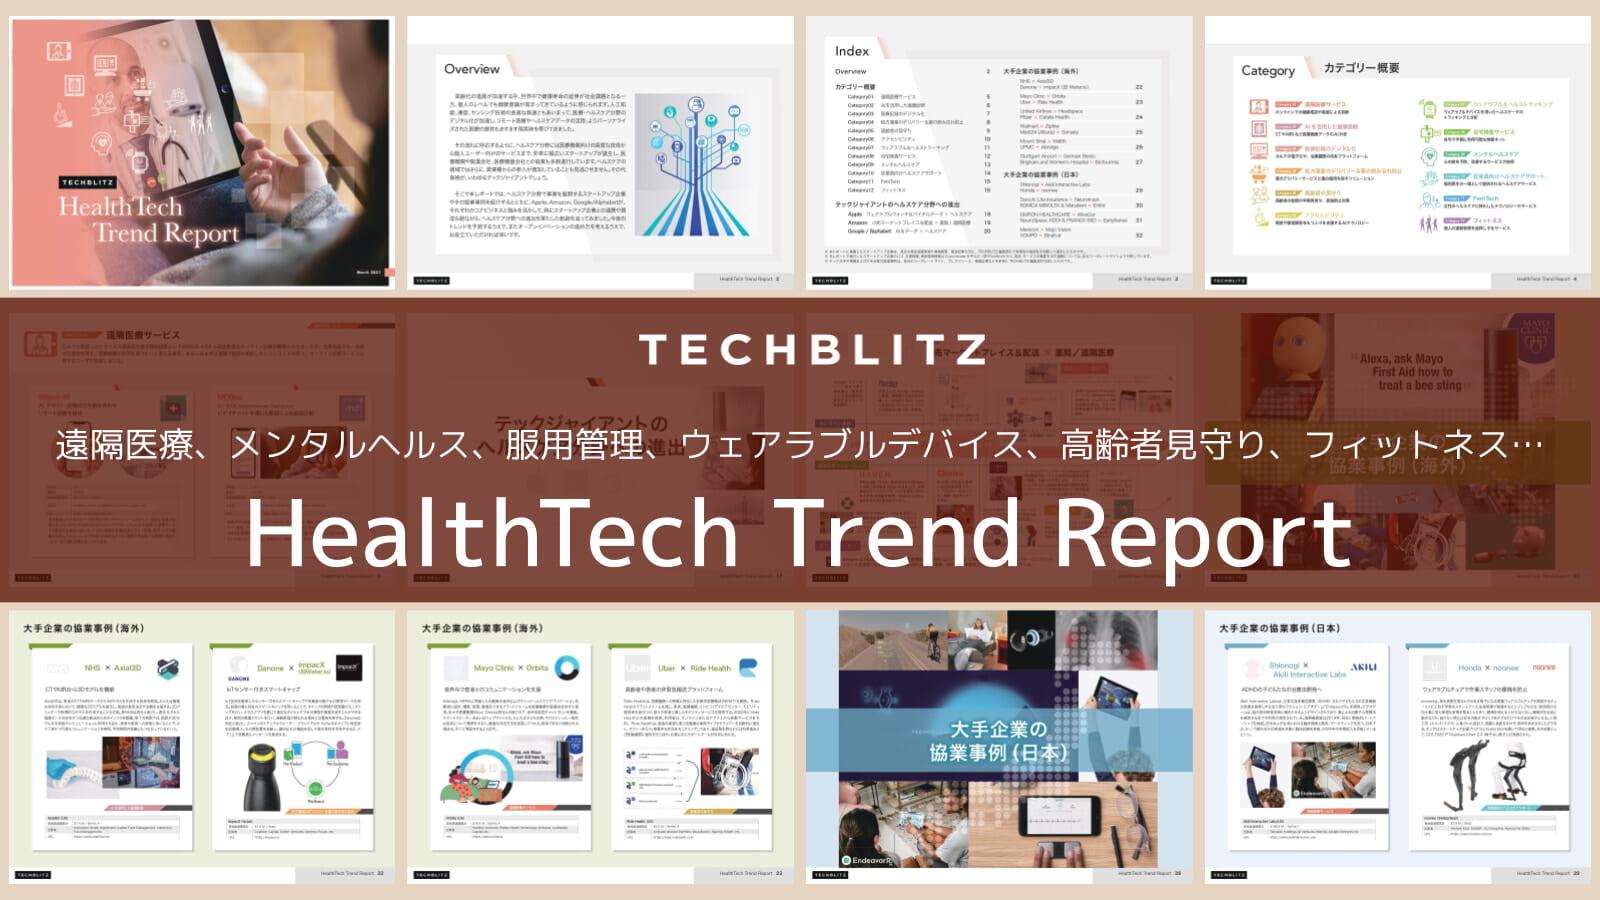 ヘルスケア領域の新技術、Google & Apple動向、業界内外企業事例をまとめたトレンドレポートを発行